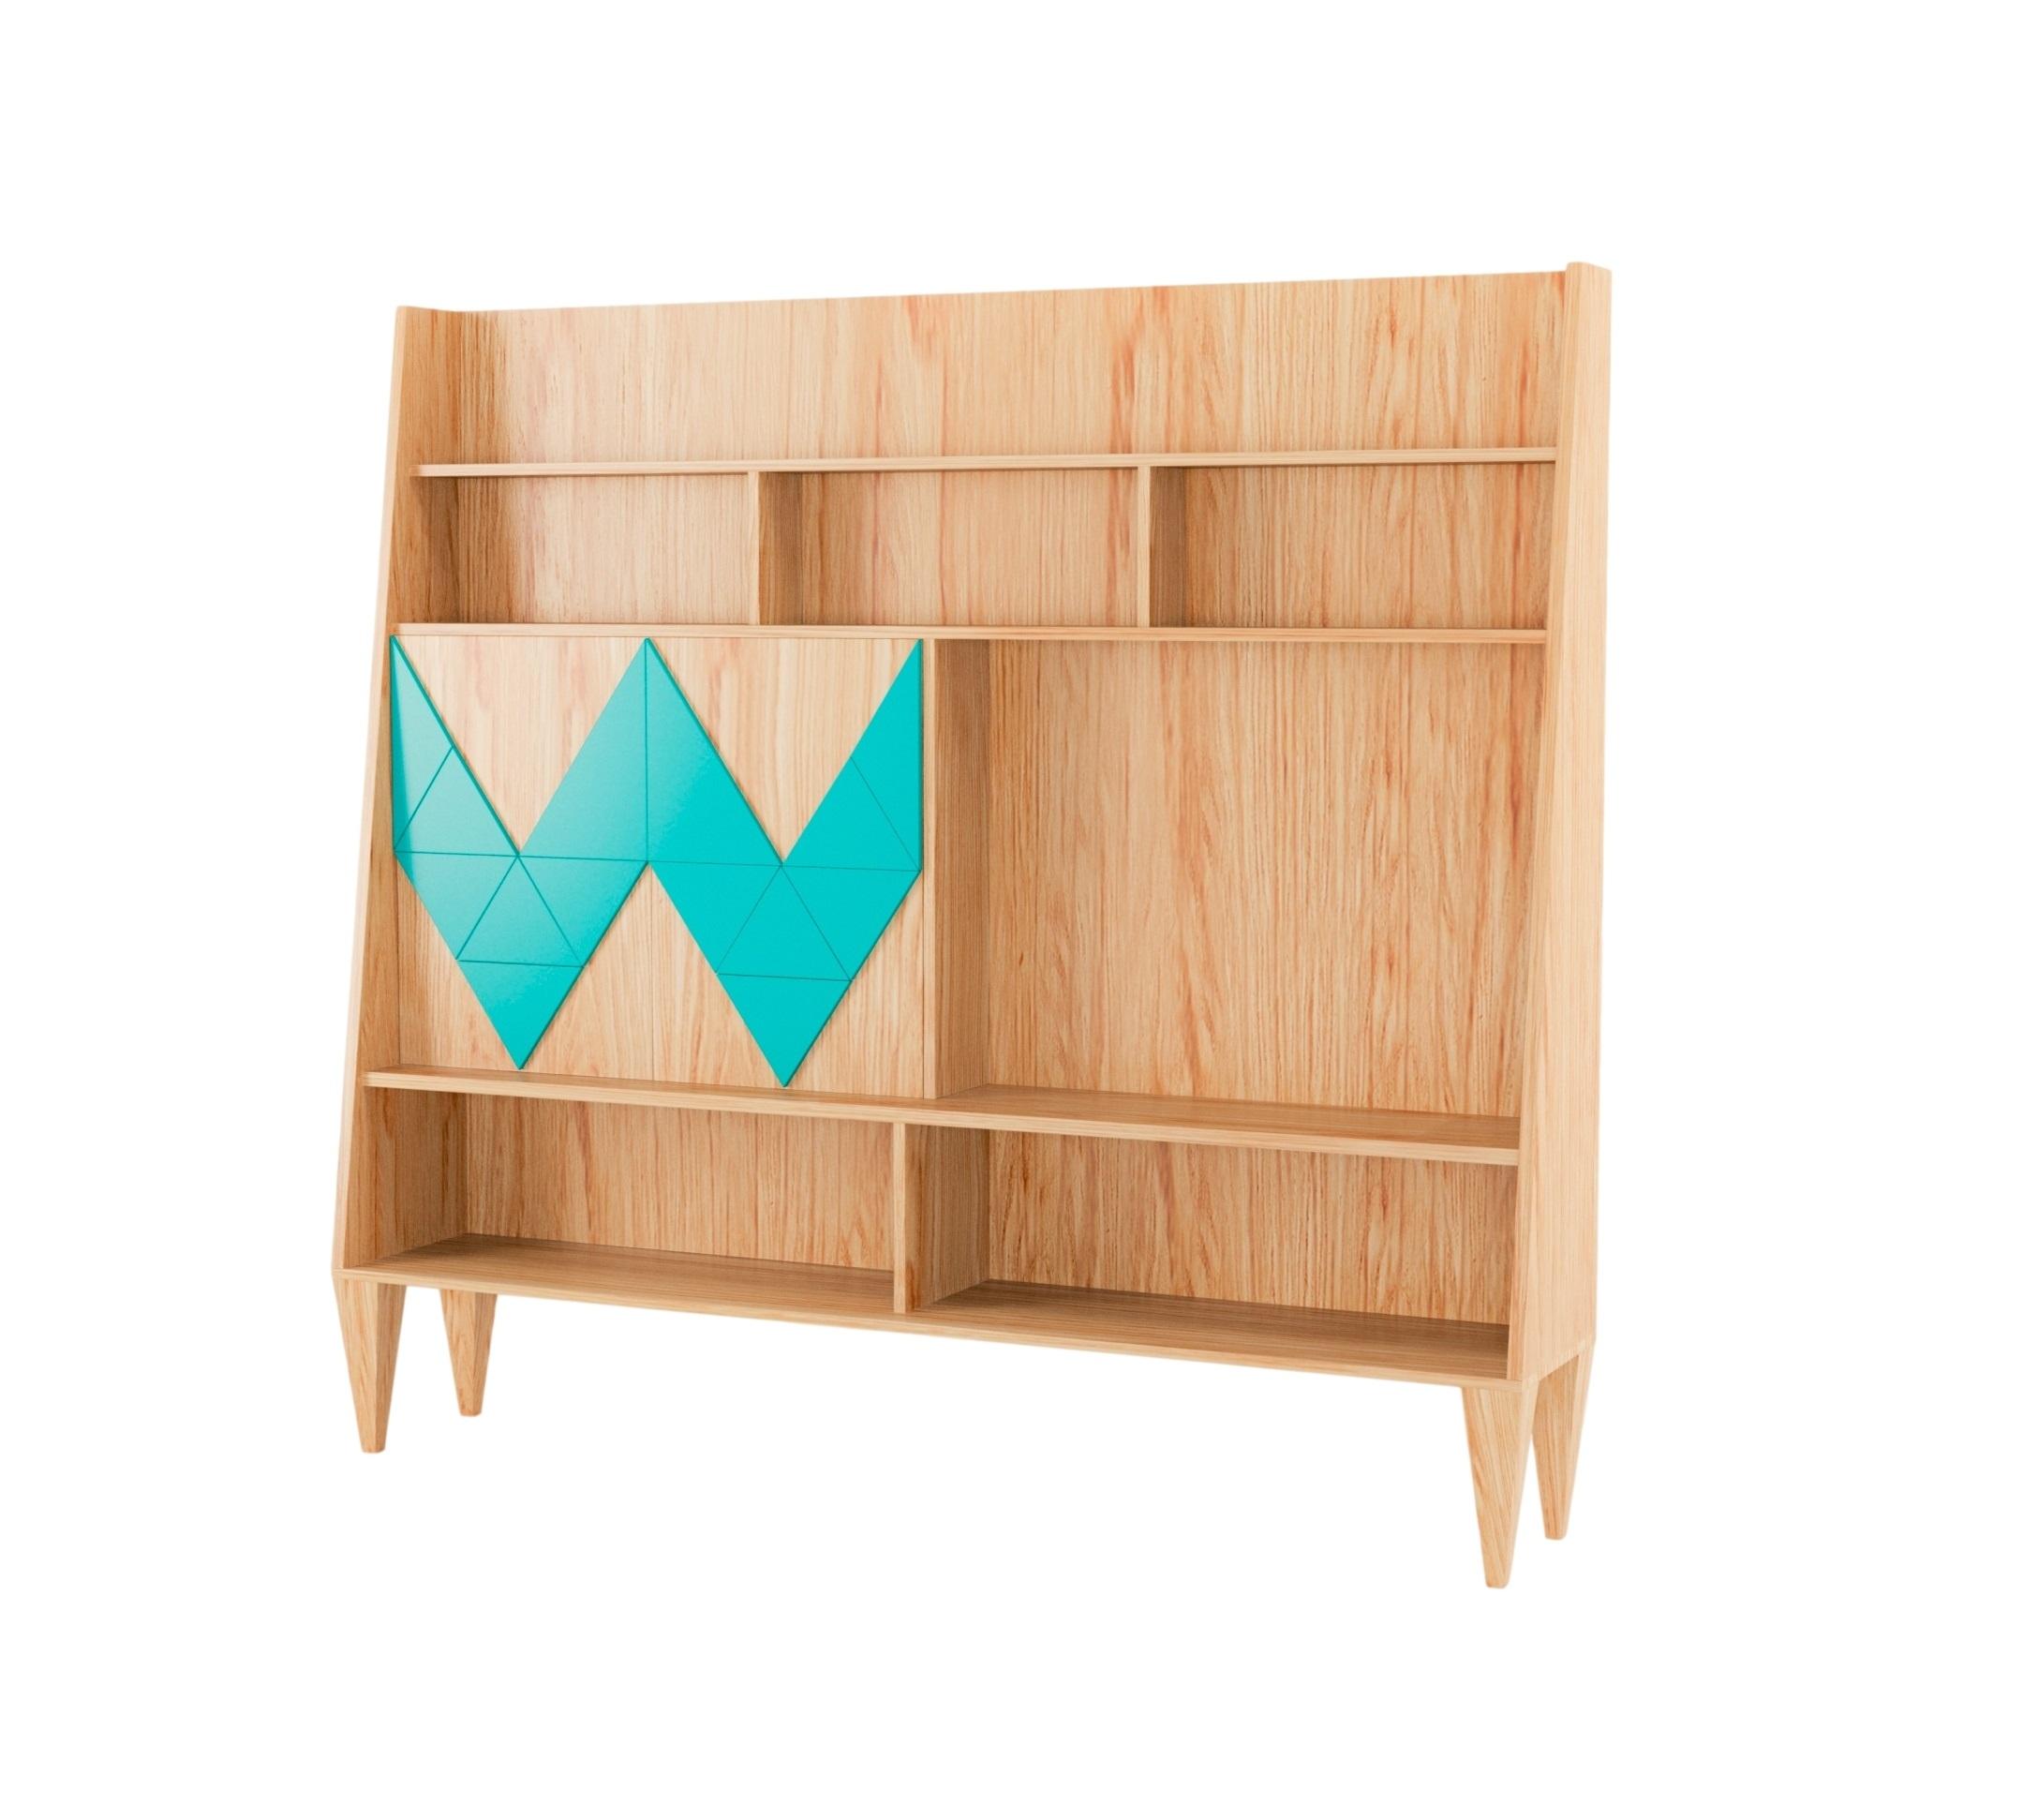 Стенка WOO WALLСтеллажи<br>Стенка для гостиной WOO WALL первая из коллекции стенок Woodi, из новой коллекции городского дизайна неразрывно связанной с общей концепцией нашего мебельного бюро: функциональность, качество и простота скандинавского дизайна. Стенка многовариантного использования, с двумя открывающимися дверками и полкой внутри, для хранения ценных мелочей и бумаг. Материал: Корпус – МДФ, лакированный натуральный шпон, краска; ножки – береза.<br><br>Material: Дерево<br>Width см: 190<br>Depth см: 50<br>Height см: 170